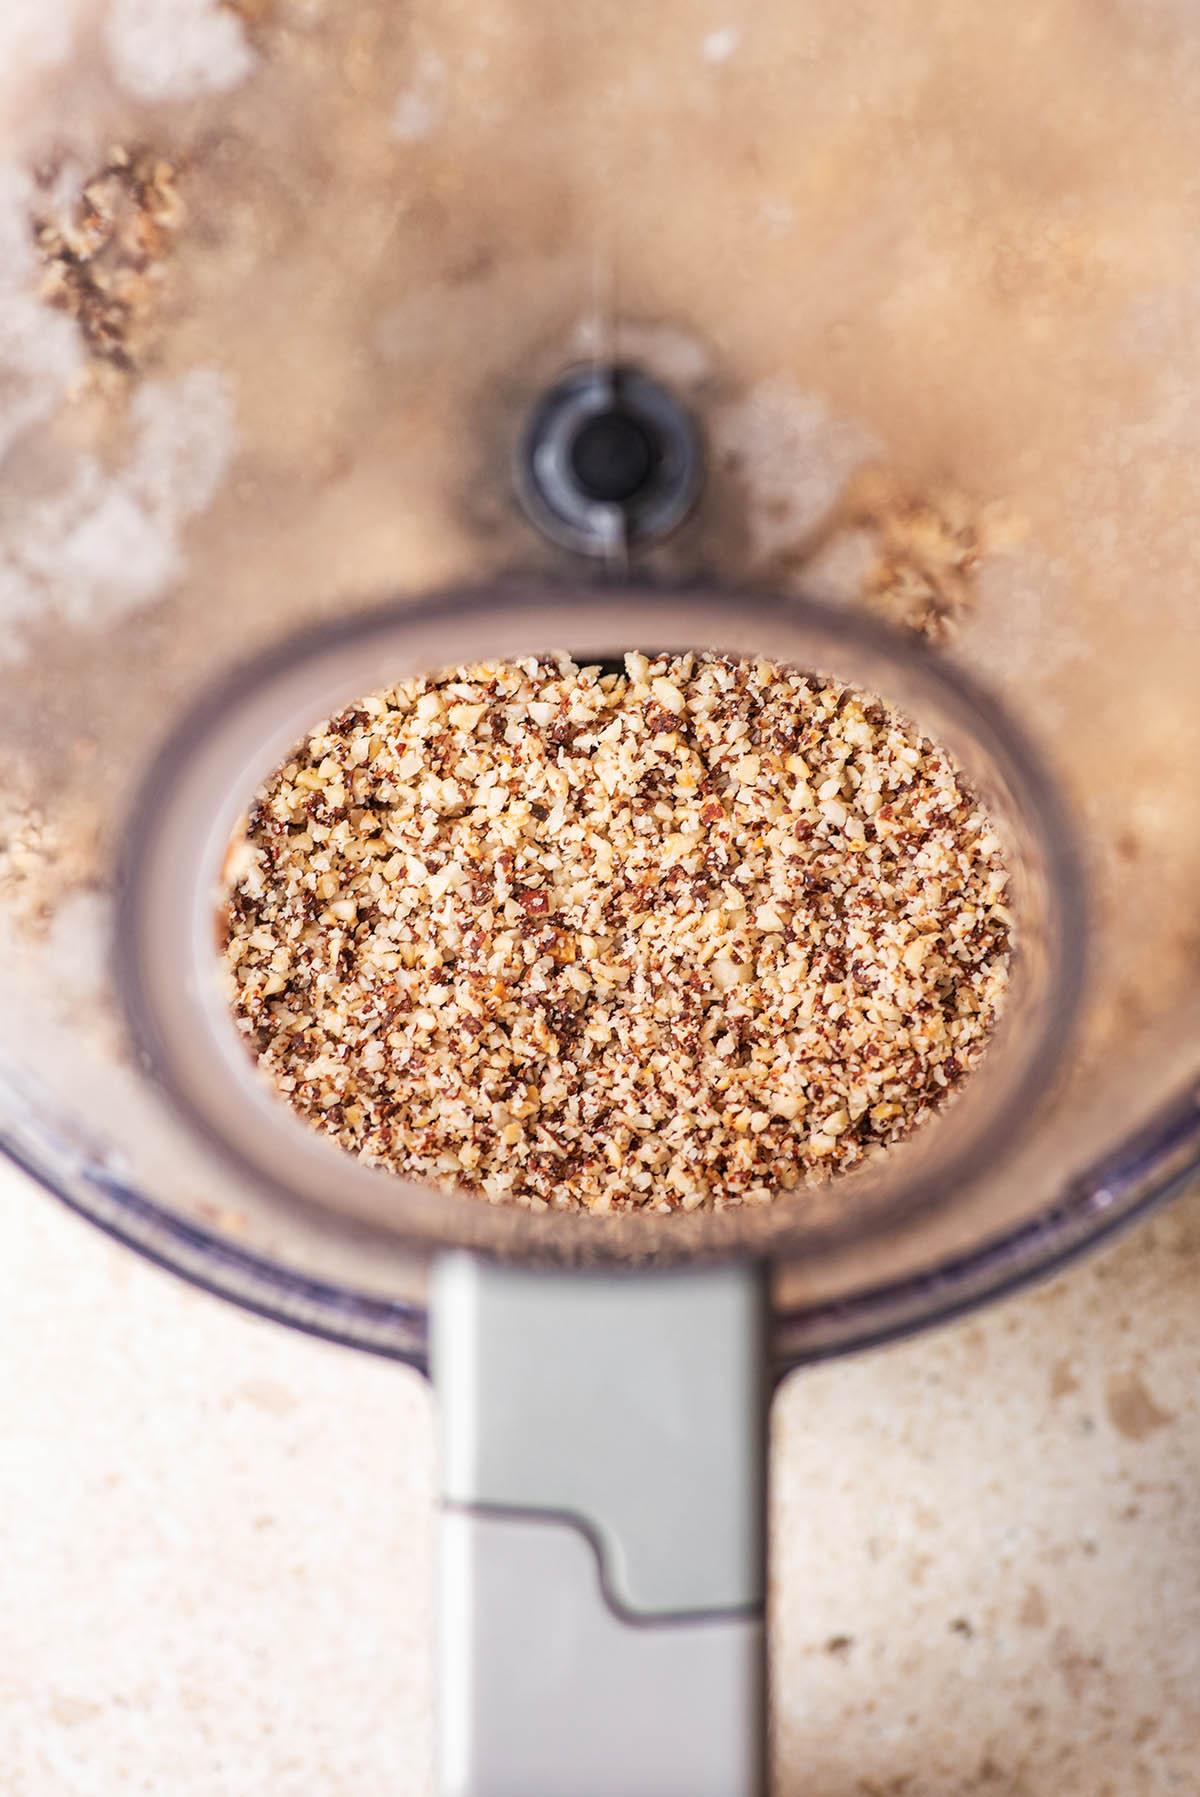 Hazelnut meal in a food processor.